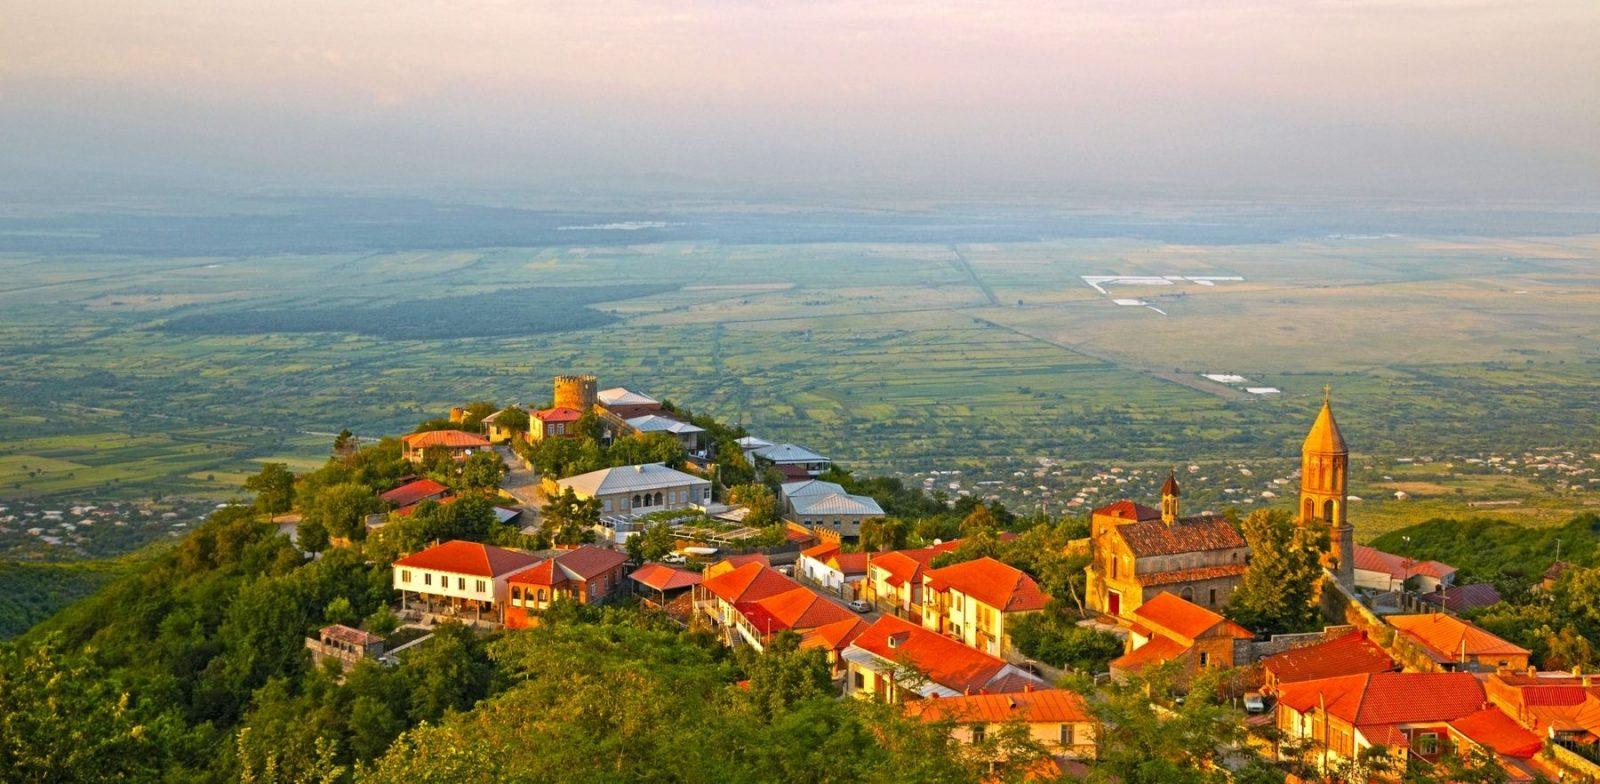 День 3: Тбилиси - Сигнаги - Монастырь Бодбе - Тбилиси